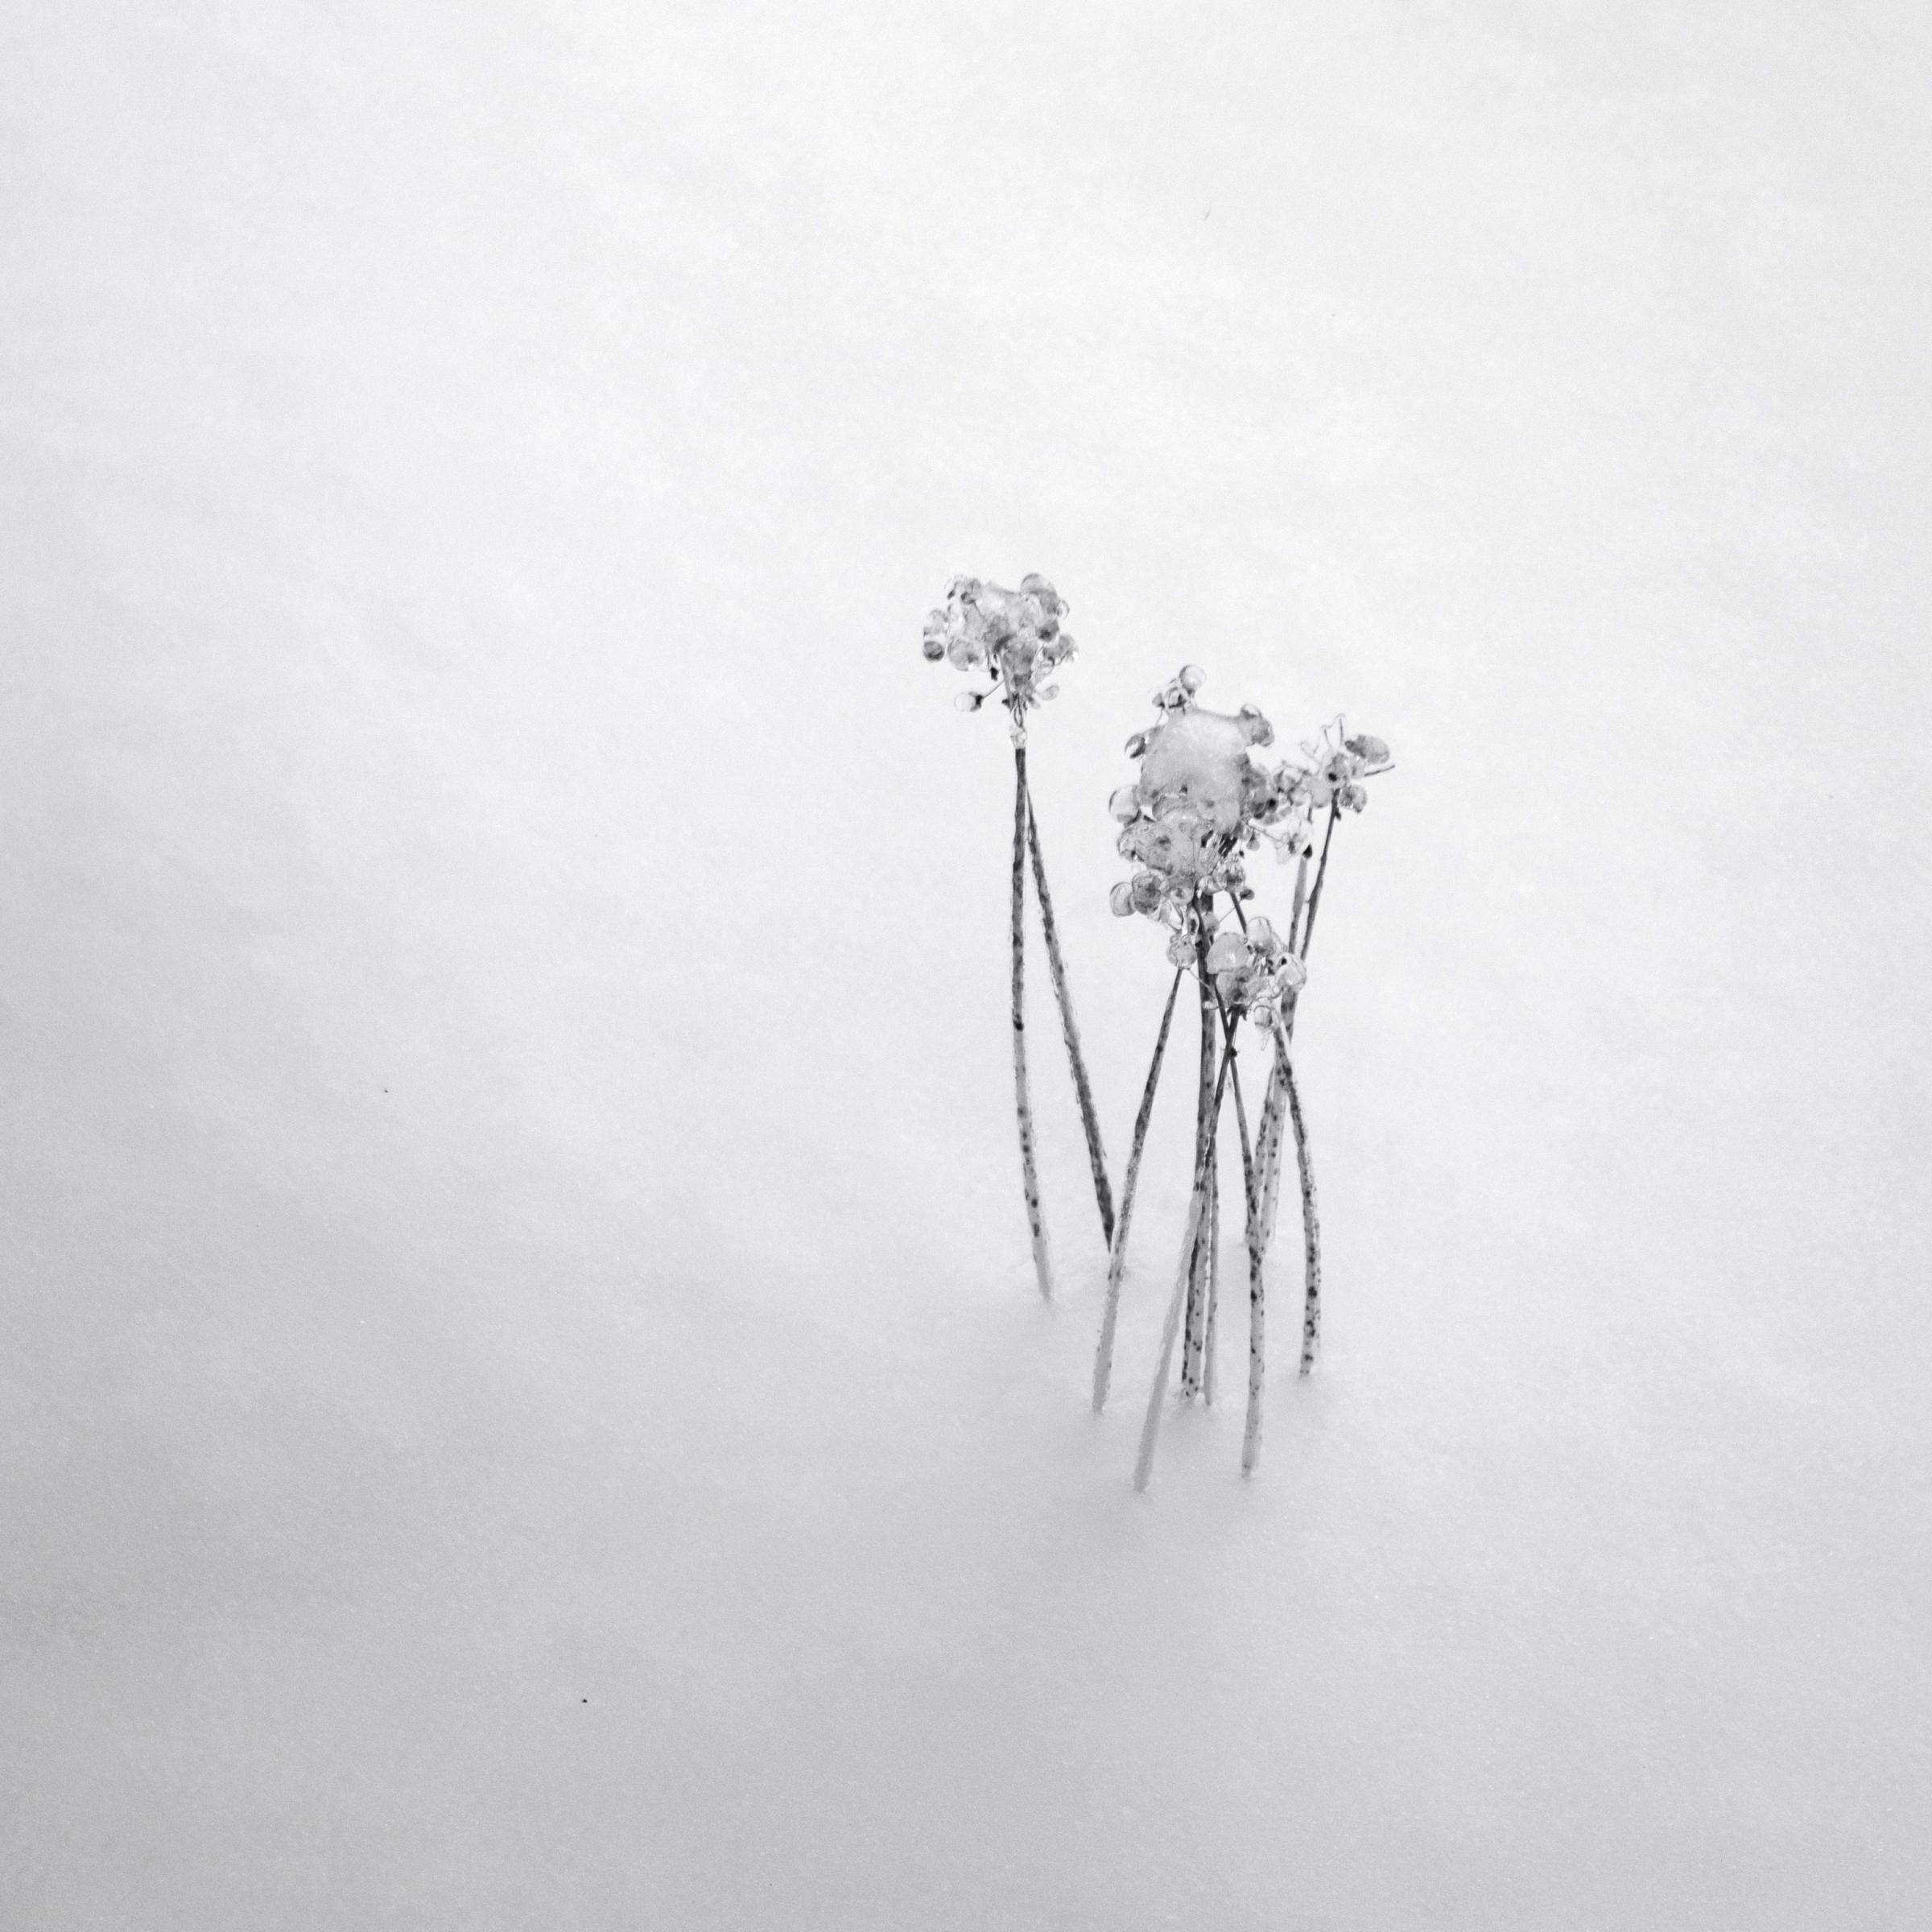 frozen seed heads in snow drift